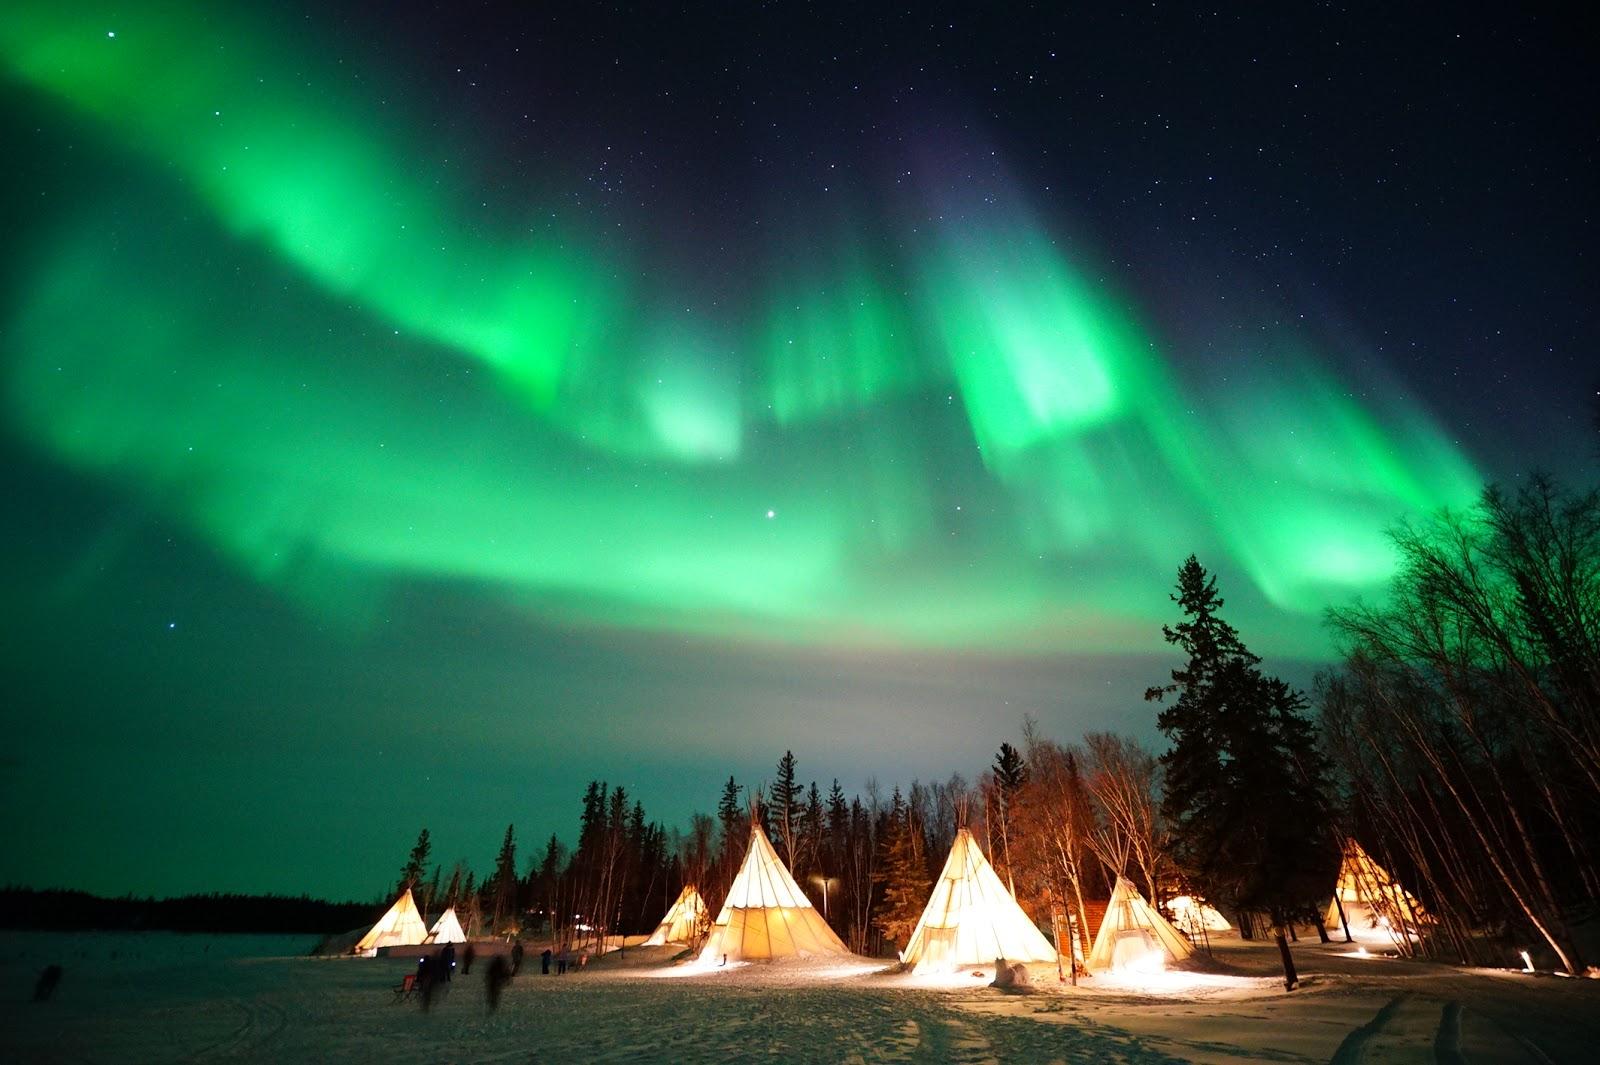 【踩點吧】到世界的北端追極光!全球最佳極光觀賞地推薦|旅遊與他們的產地 - colatour可樂旅遊